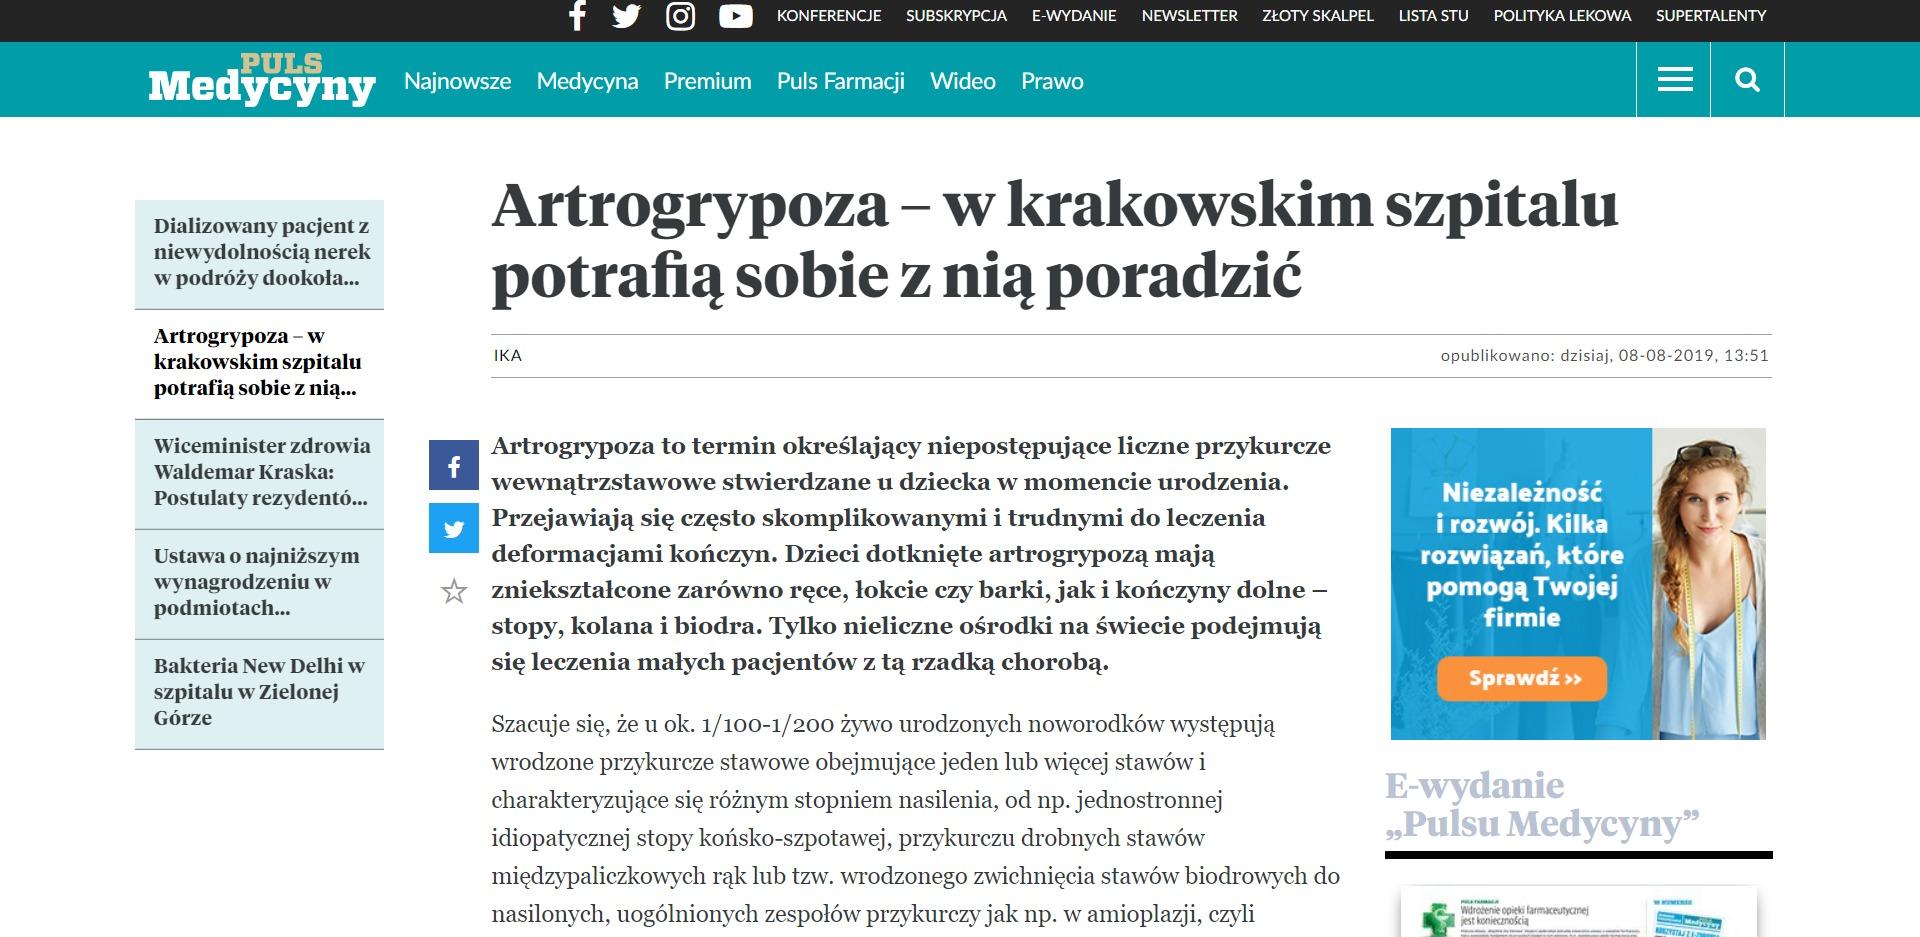 Artrogrypoza – w krakowskim szpitalu potrafią sobie z nią poradzić